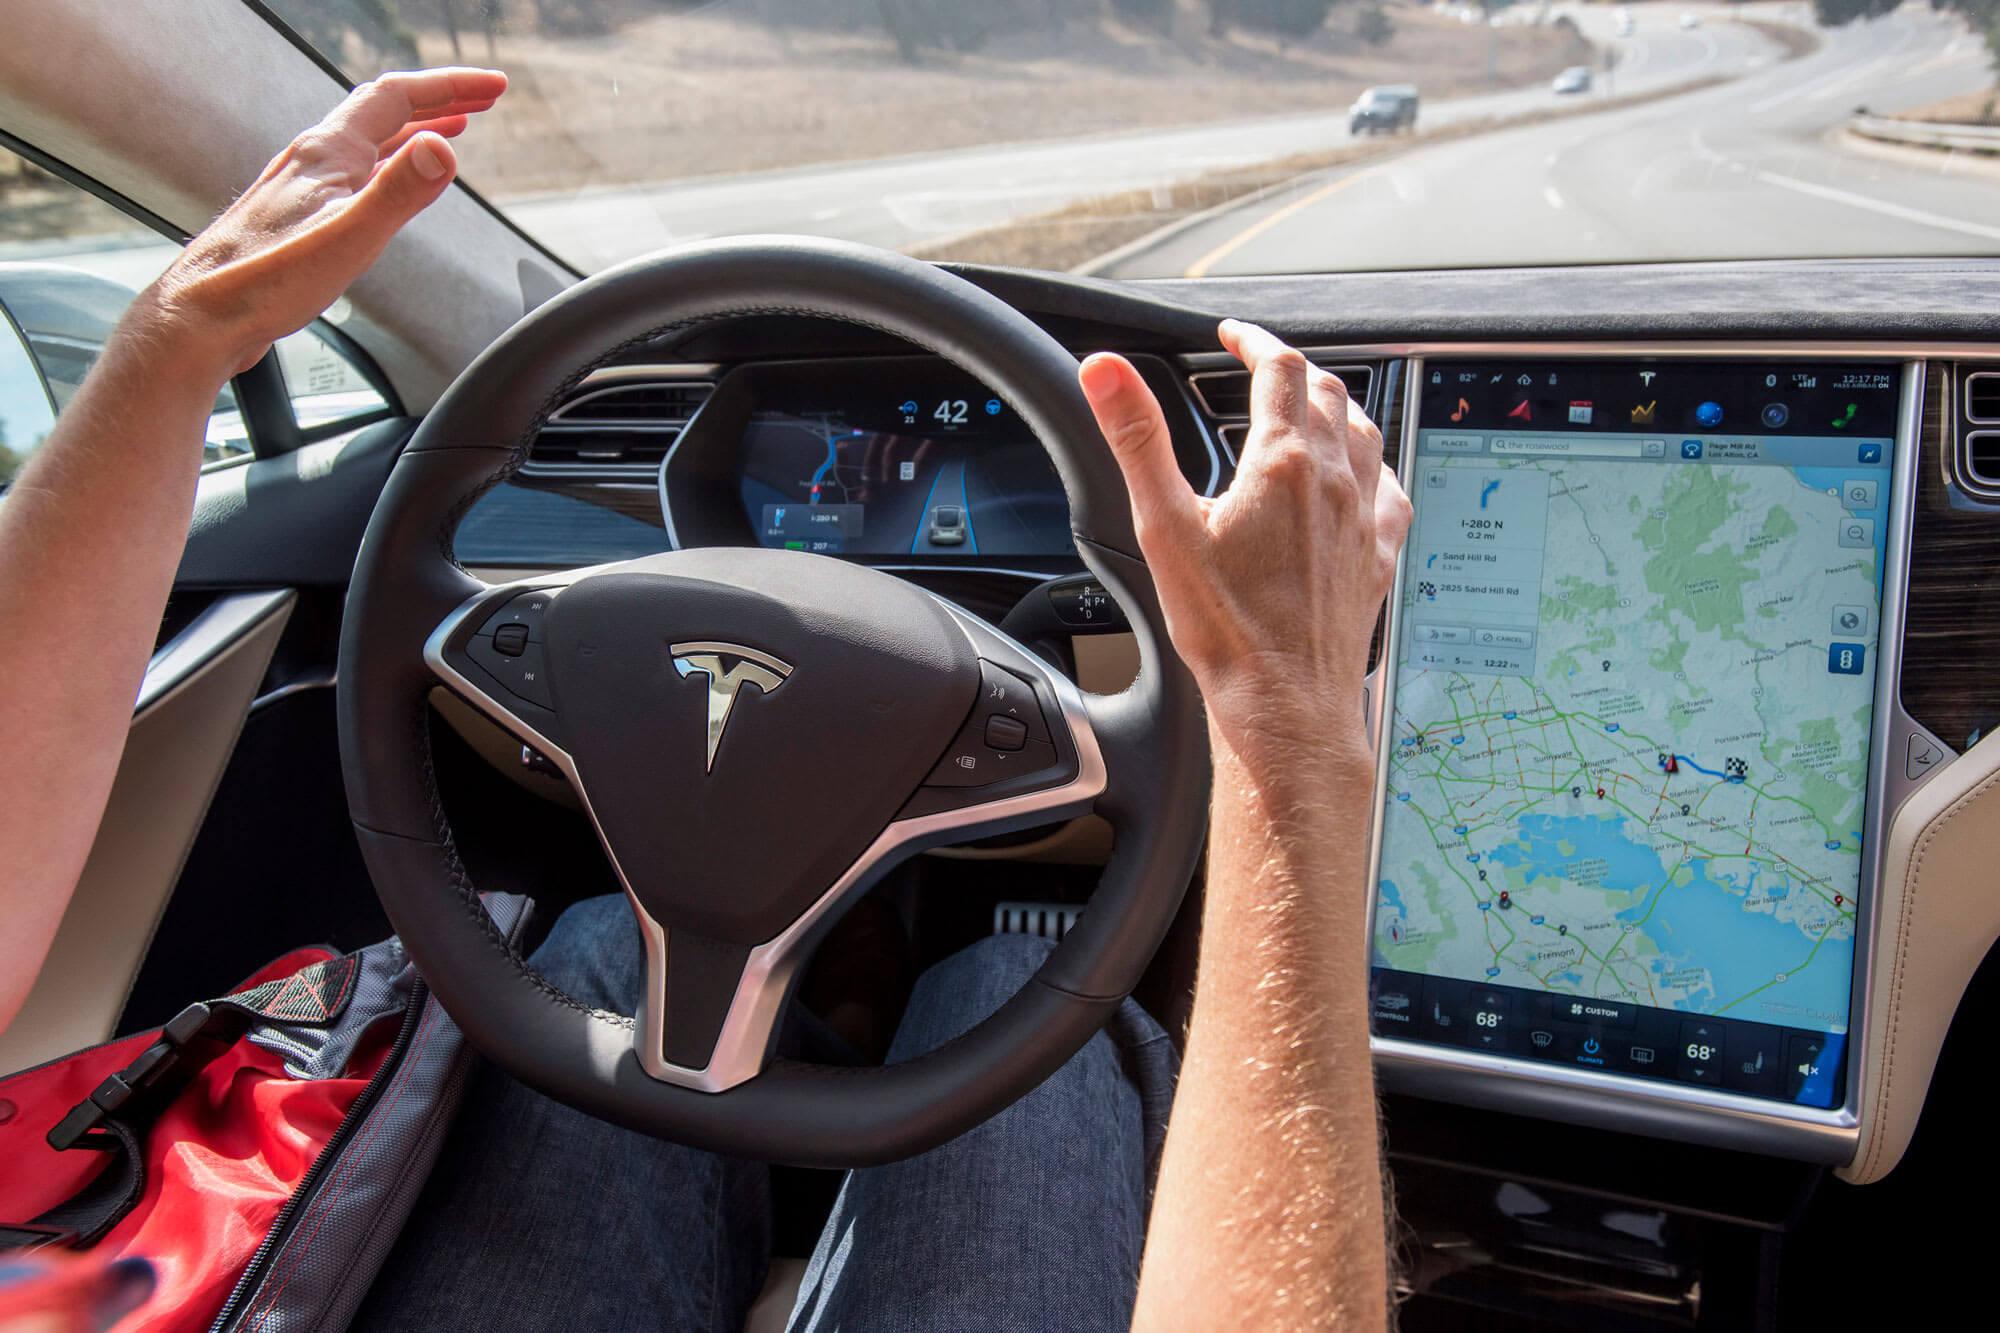 Більшість водіїв бояться безпілотних автомобілів